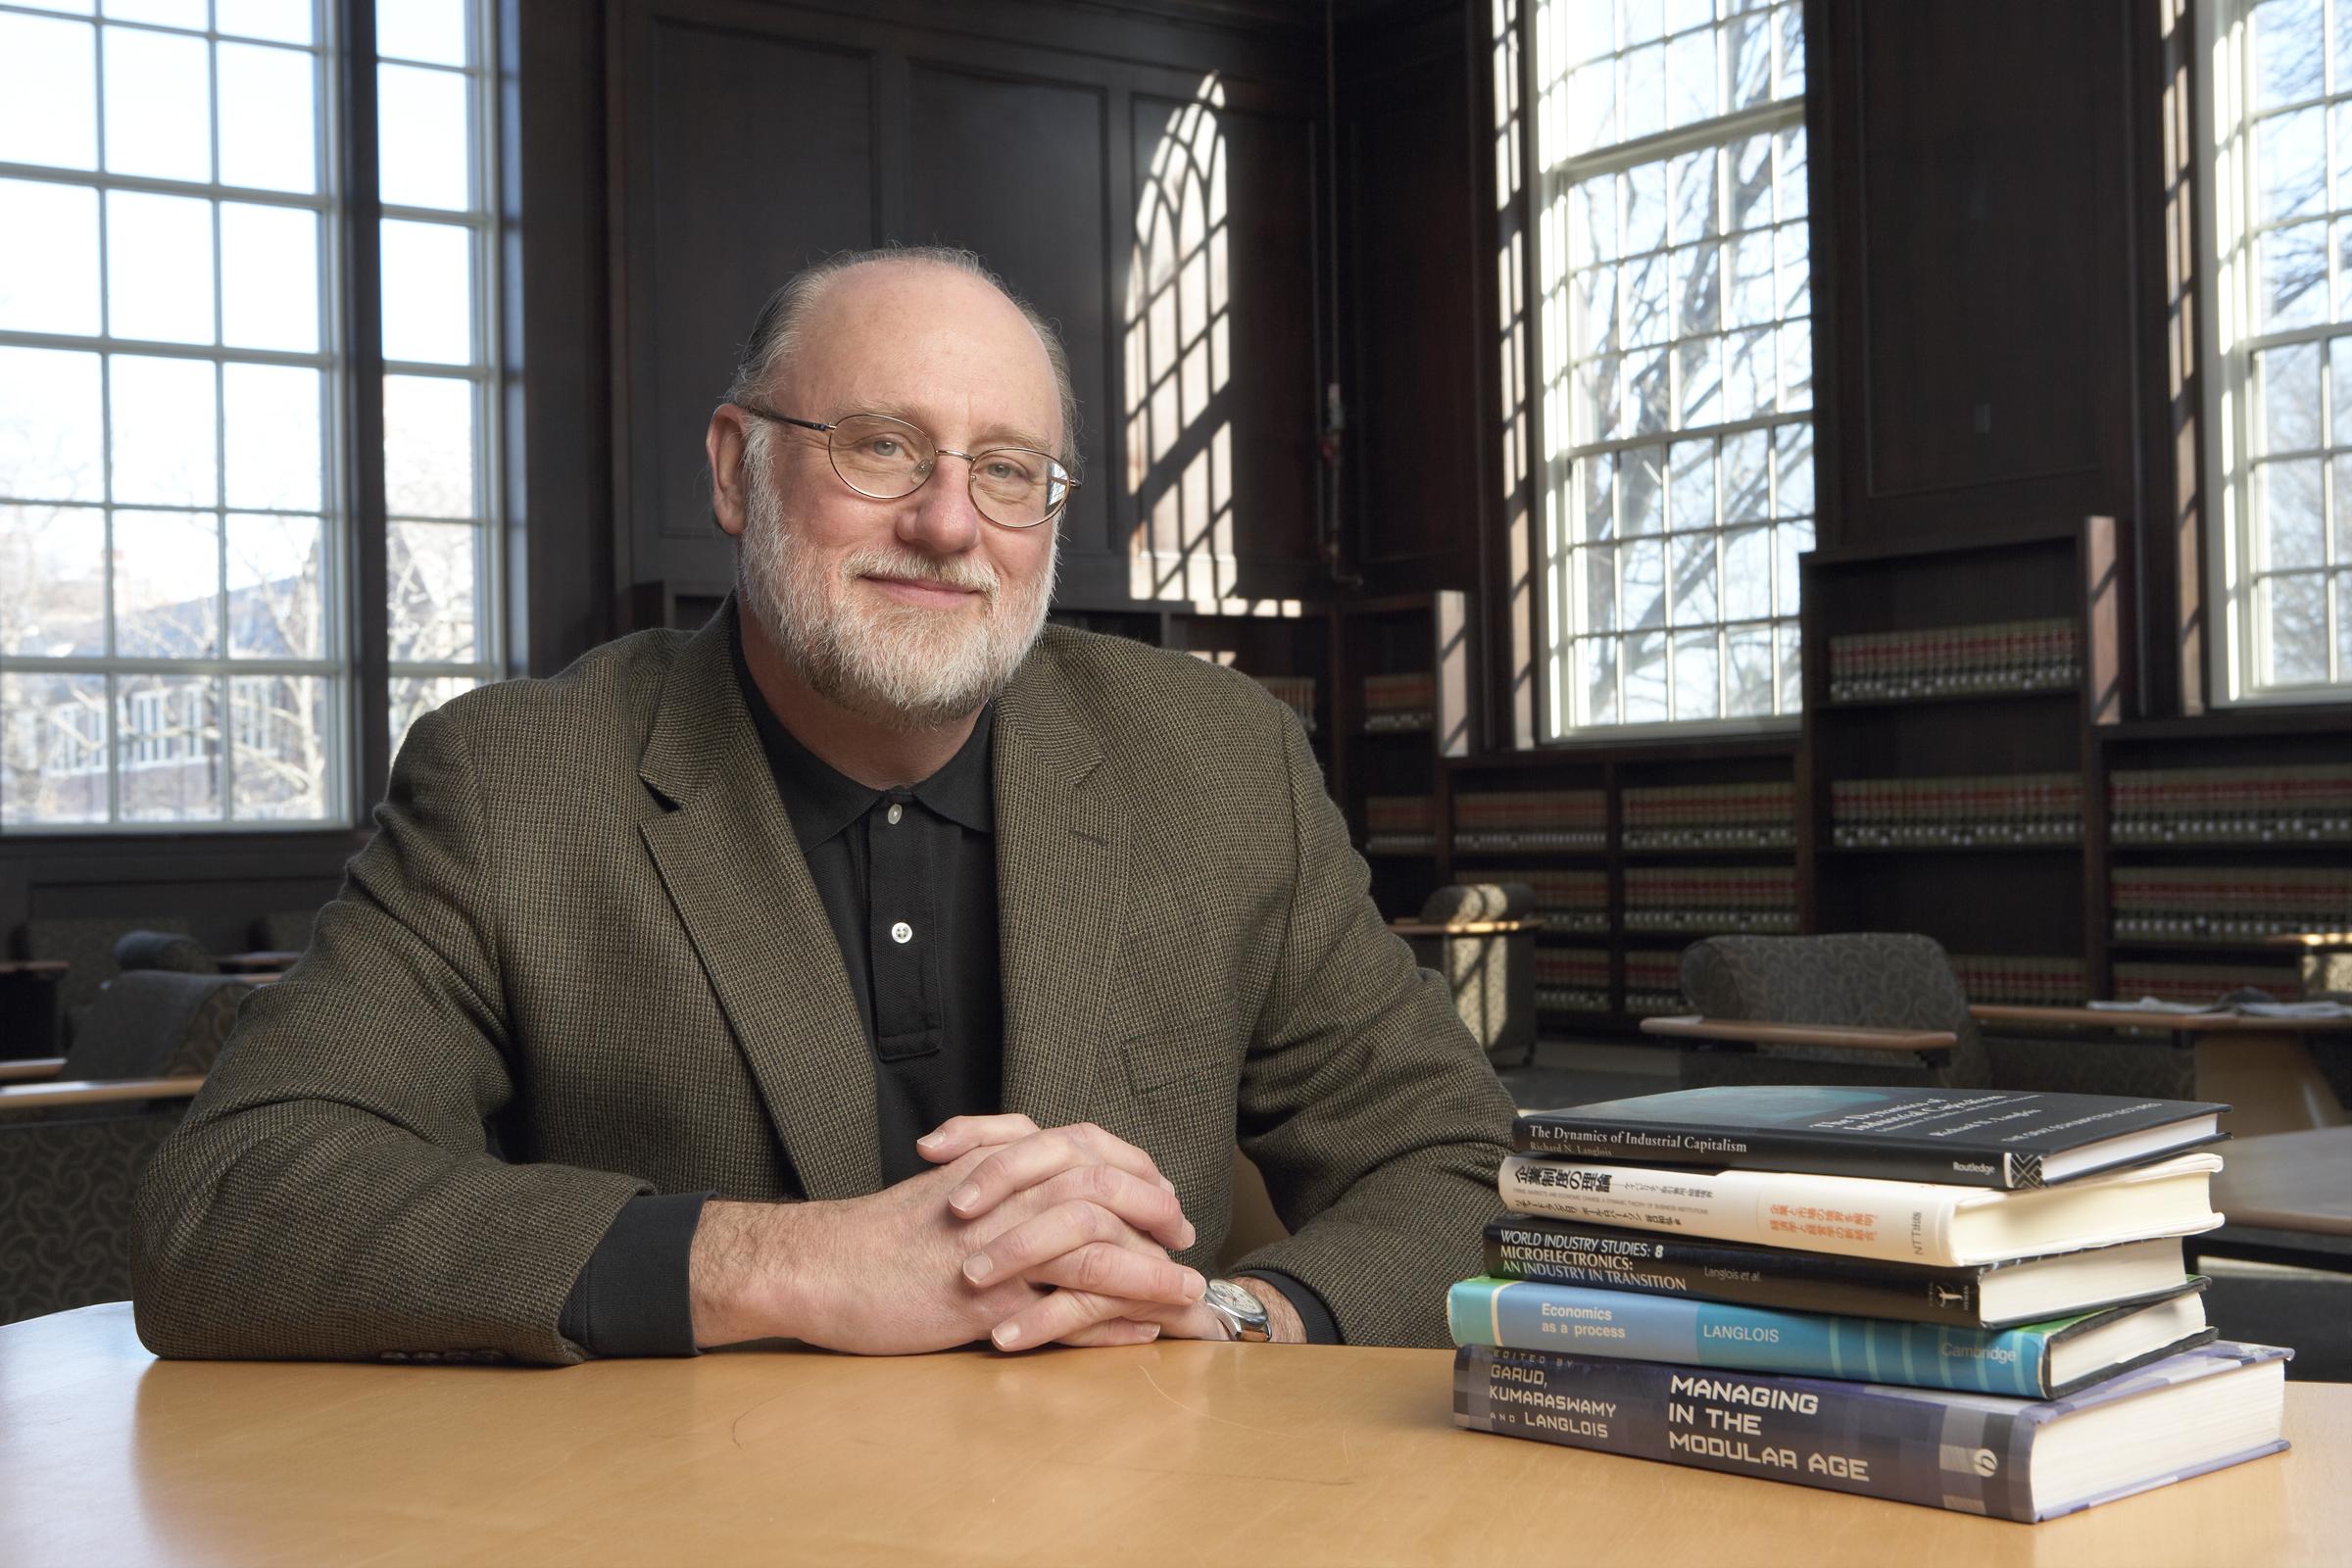 Richard N. Langlois